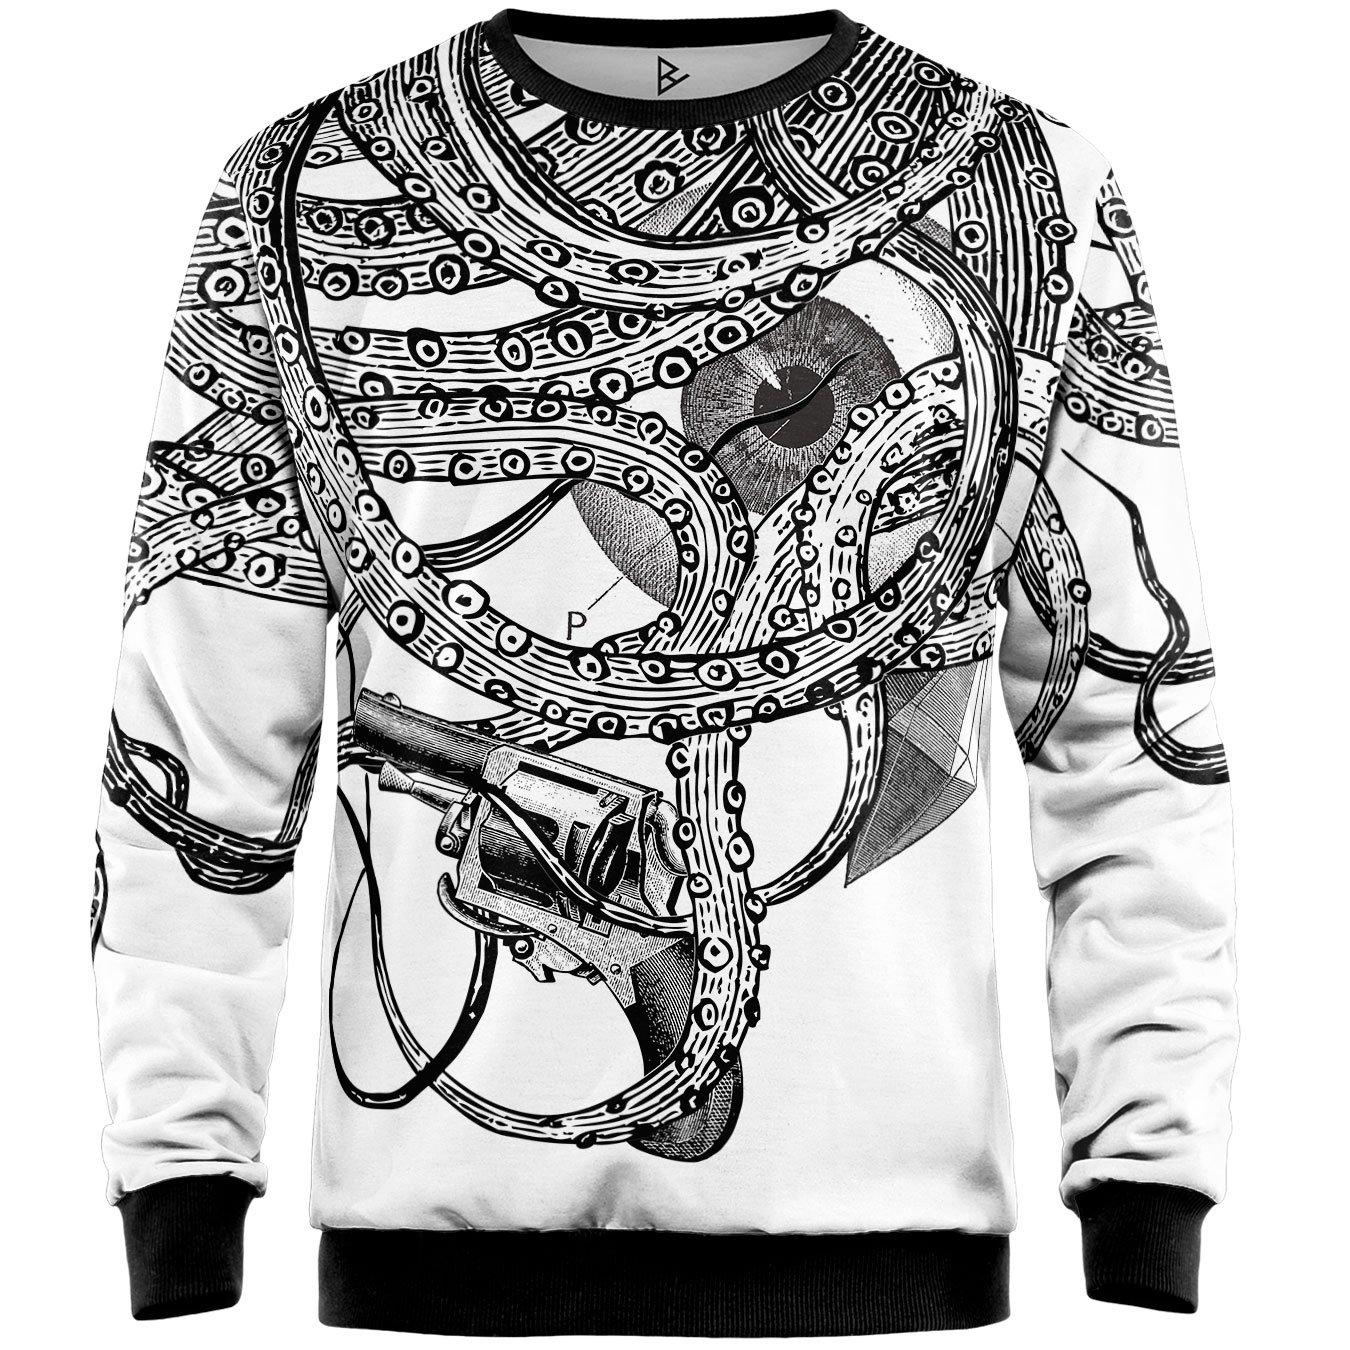 Blowhammer - Sweatshirt Herren - Tentacles SWT